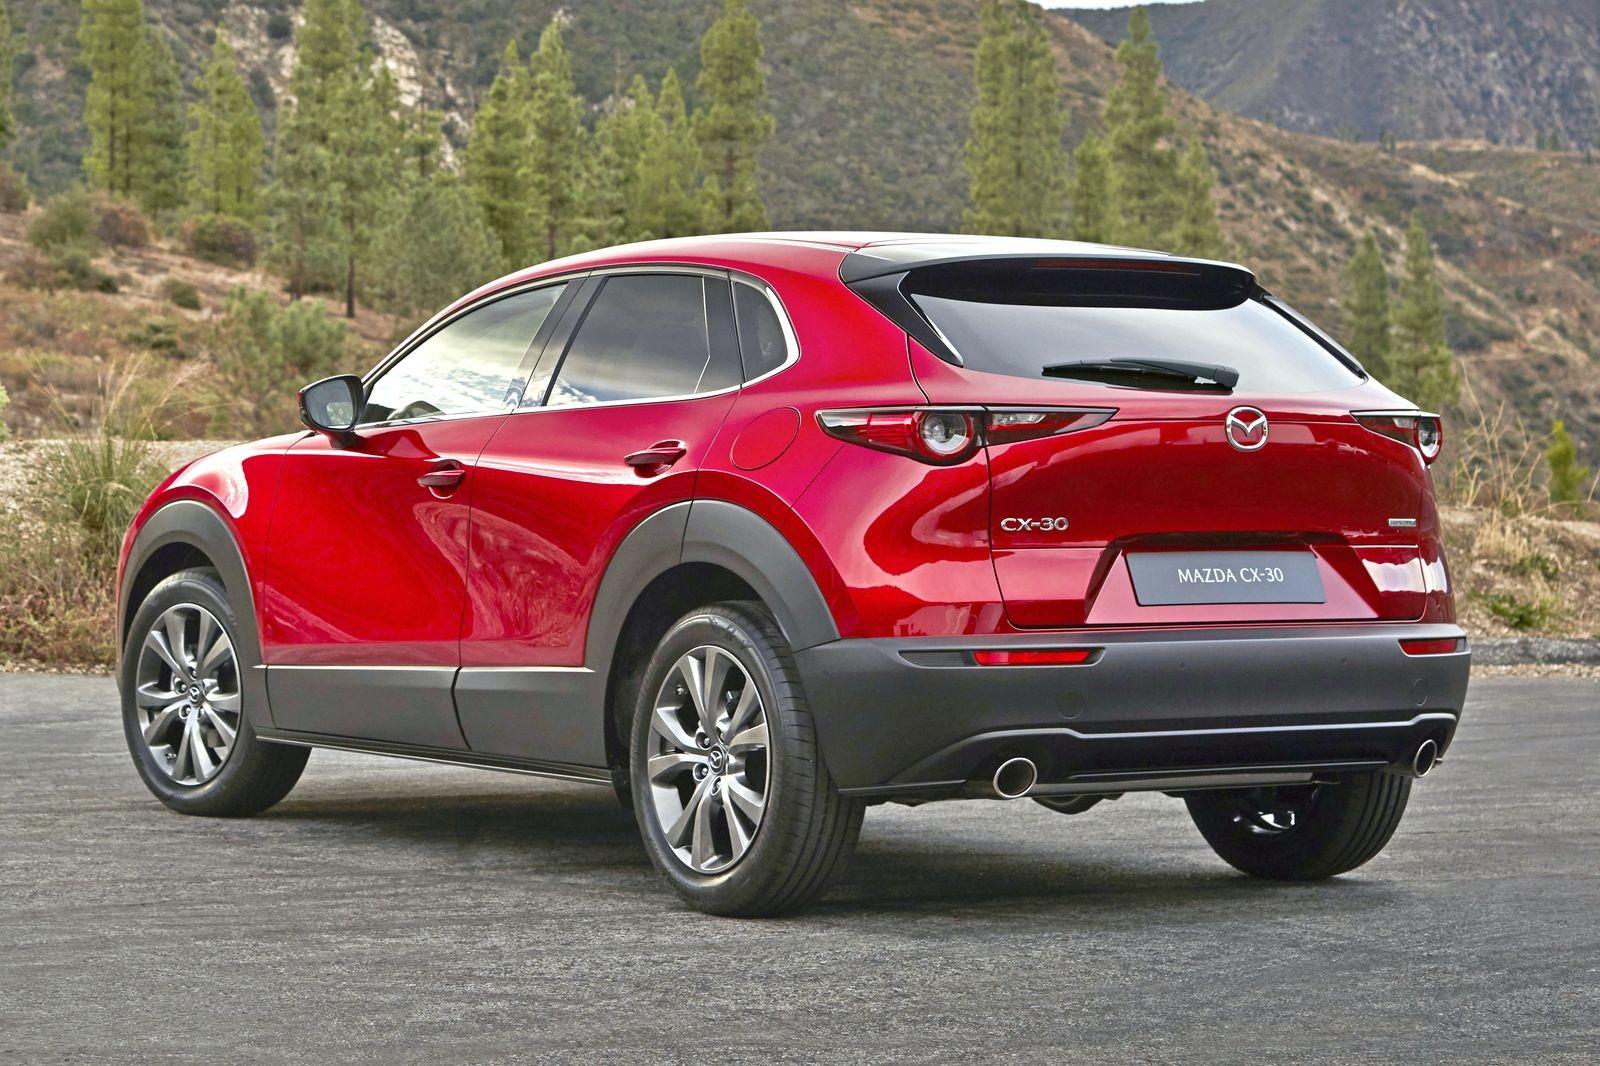 09 Mazda CX-30